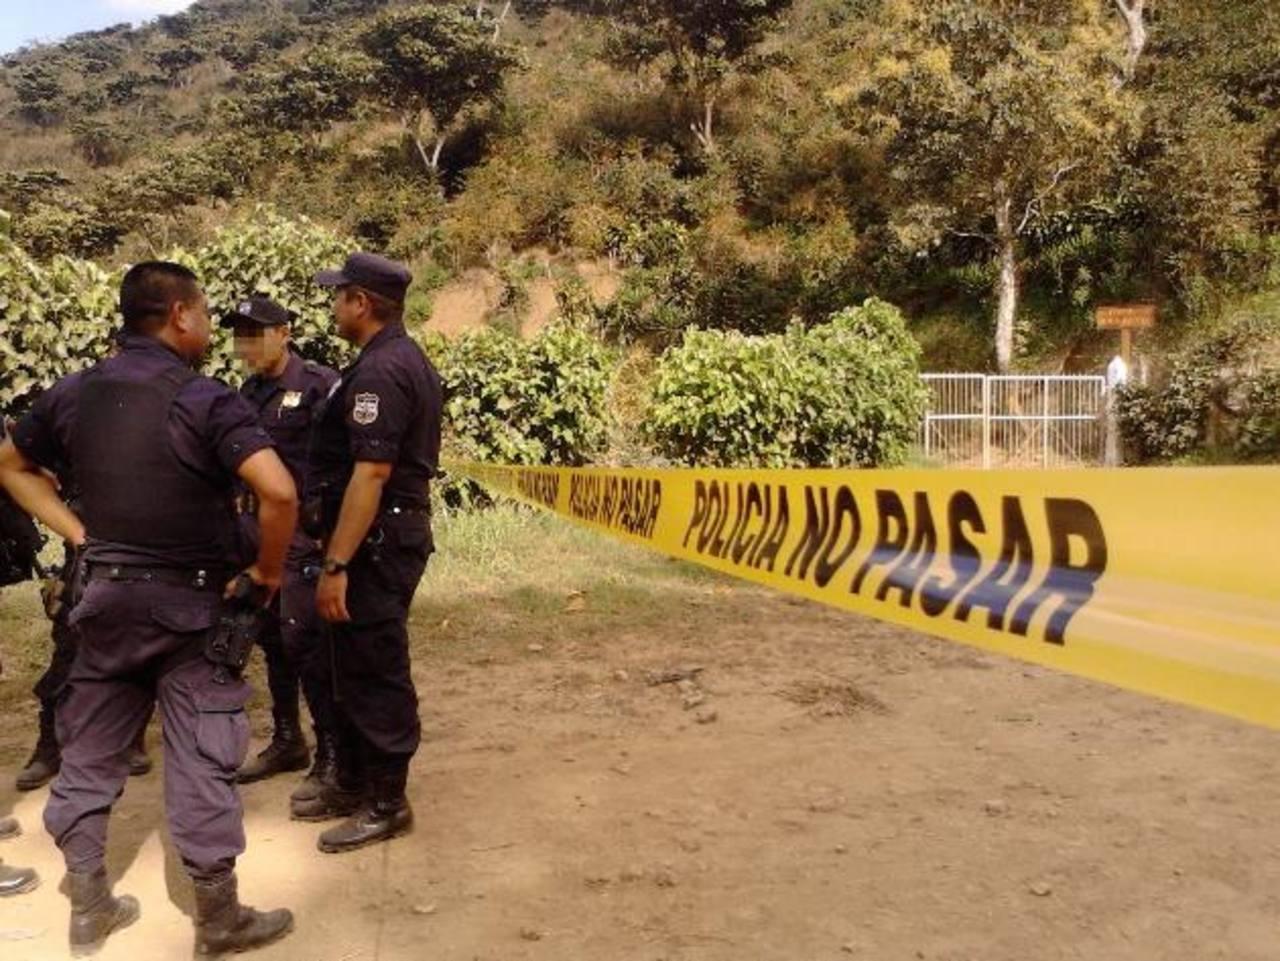 Un grupo de pandilleros se enfrentó a balazos con policías que verificarían los asaltos a los conductores de dos camiones en las afueras de Chalchuapa, Santa Ana. Foto EDH / Carlos Lima.